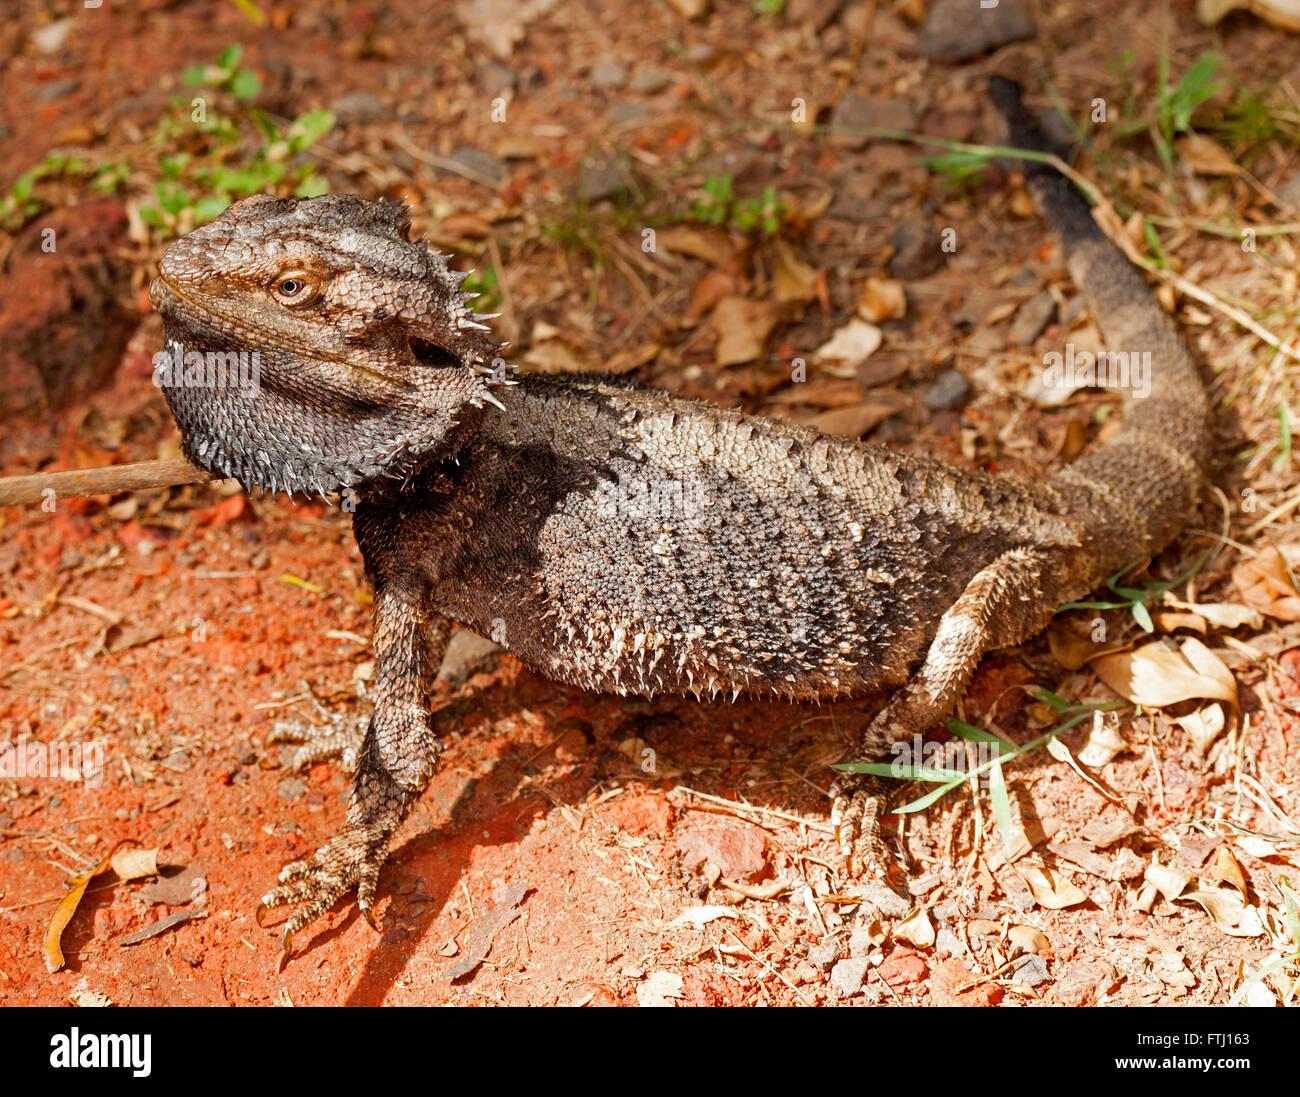 Lézard dragon barbu d'Australie, Pogona barbata avec barbe épineuse gris et le corps étendu en Photo Stock